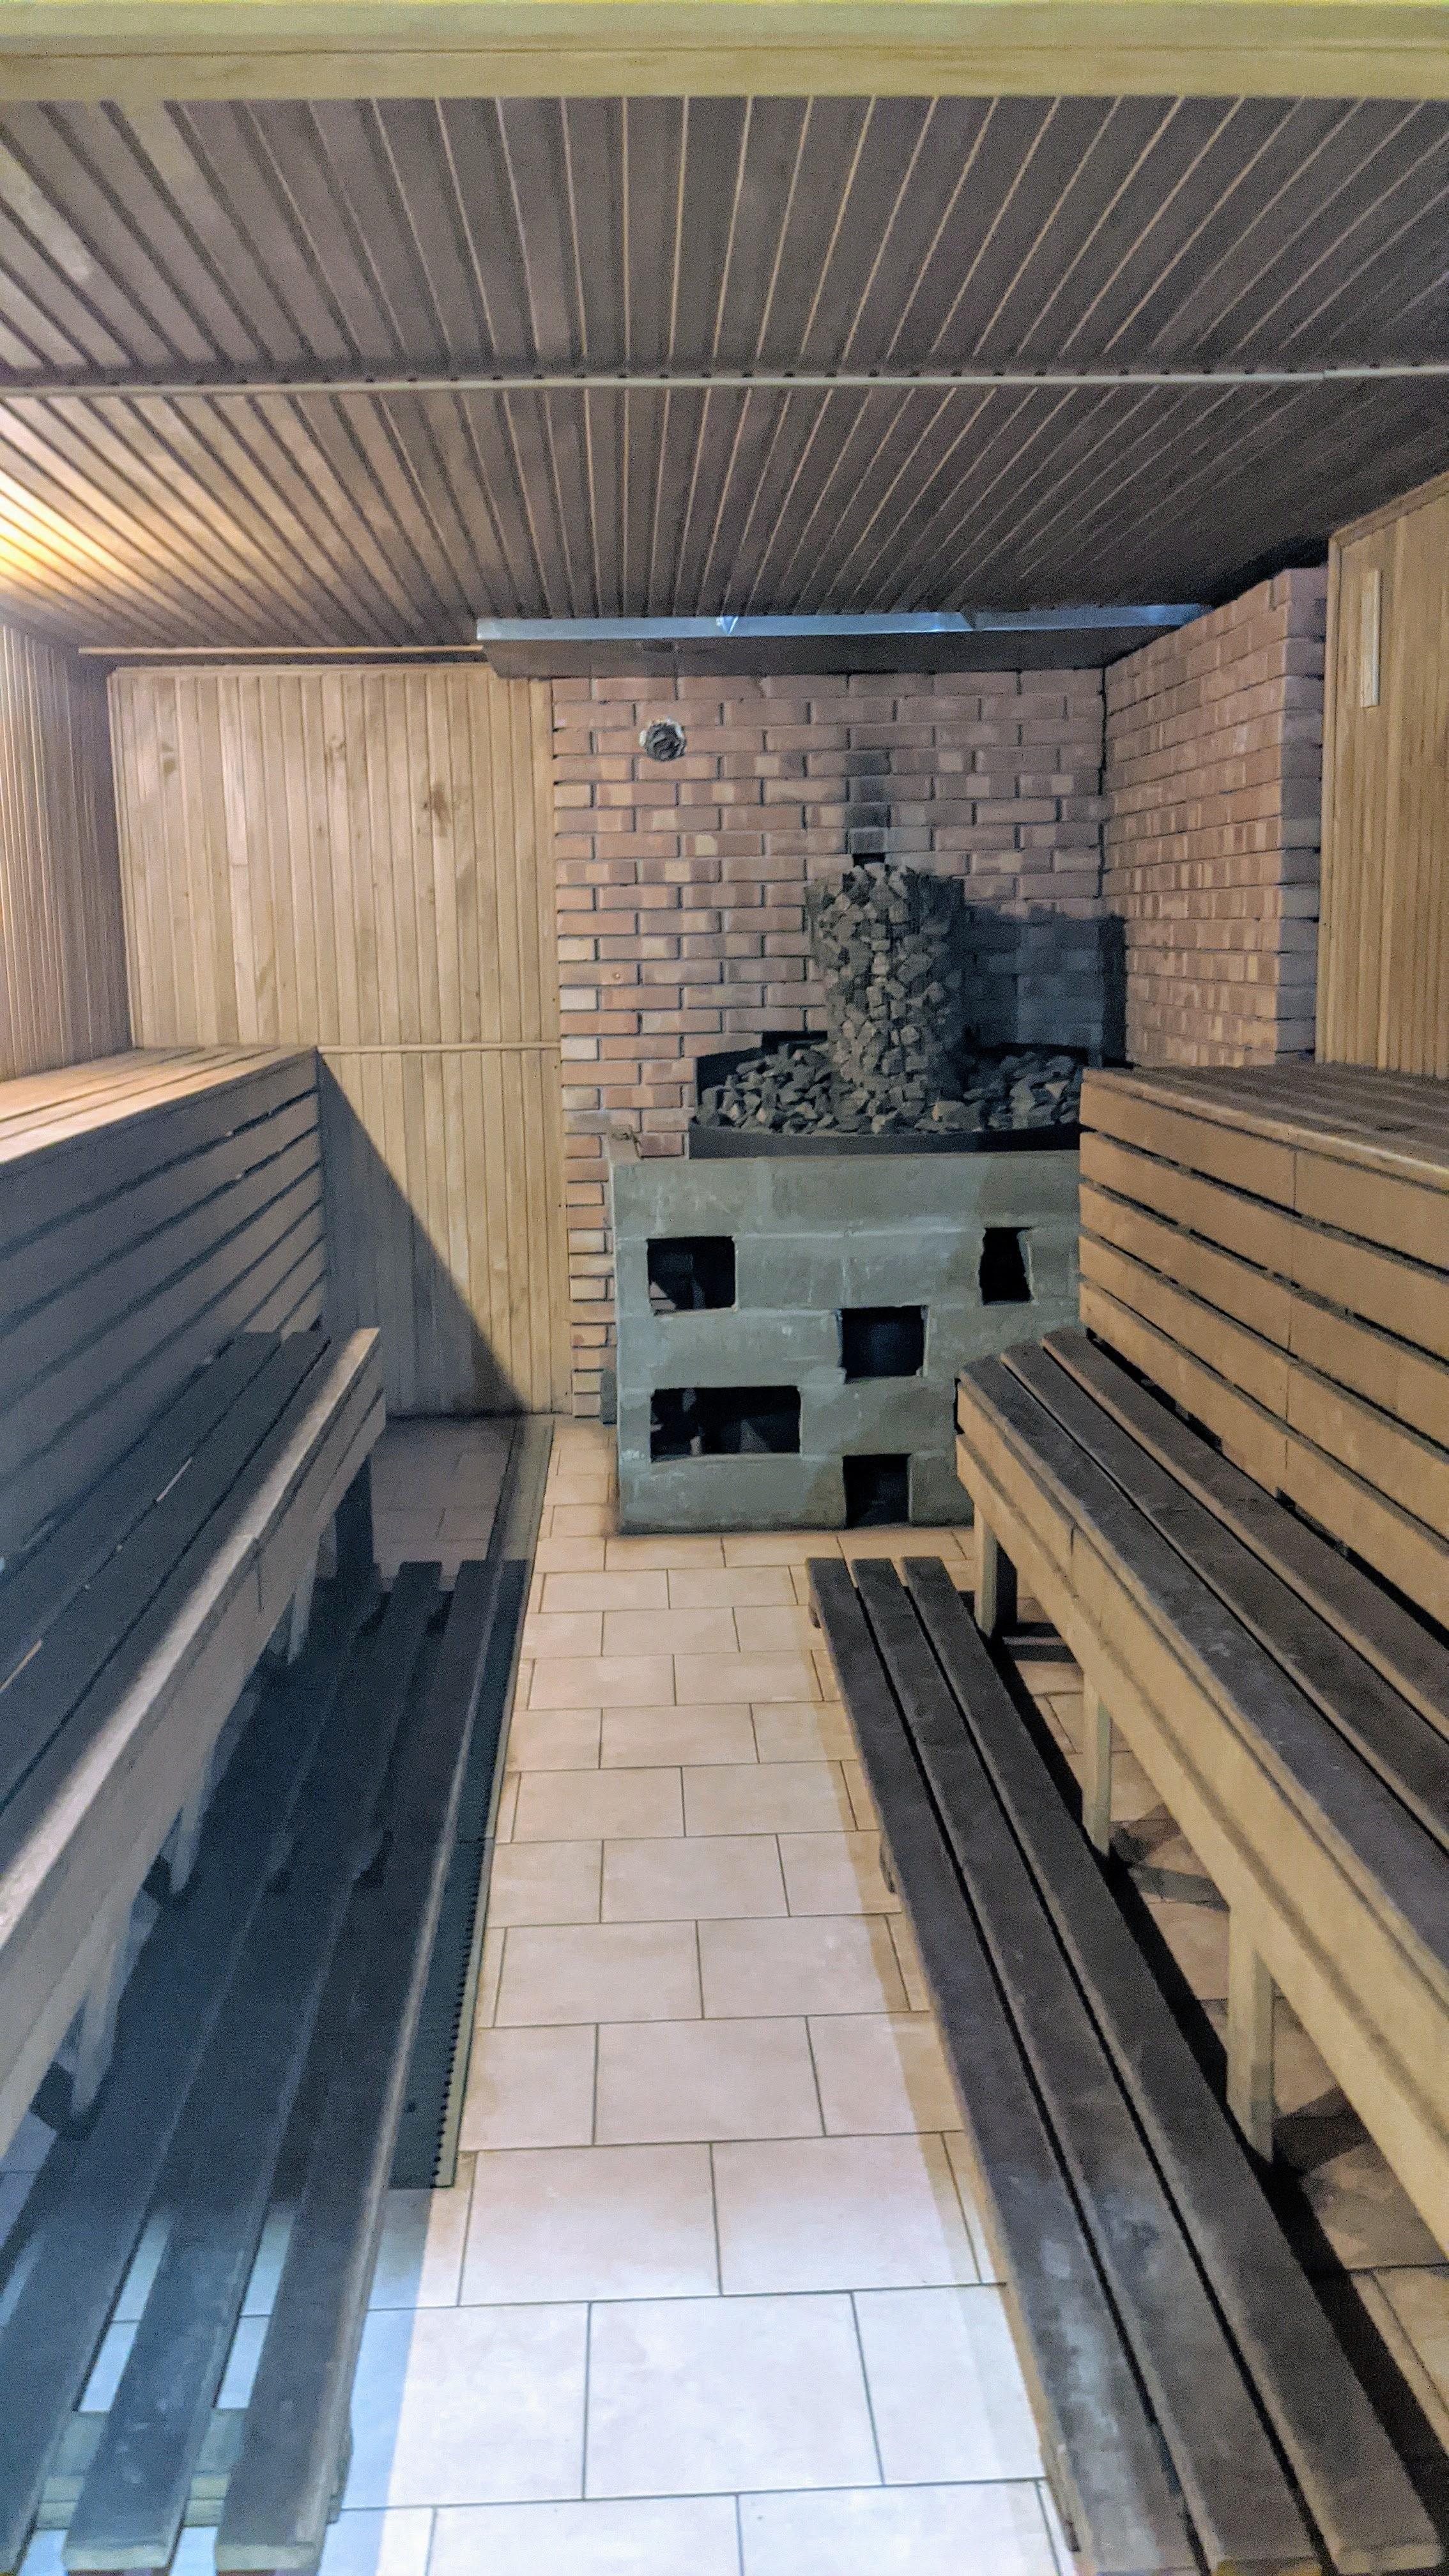 Перцы, гостинично-банный комплекс - №1